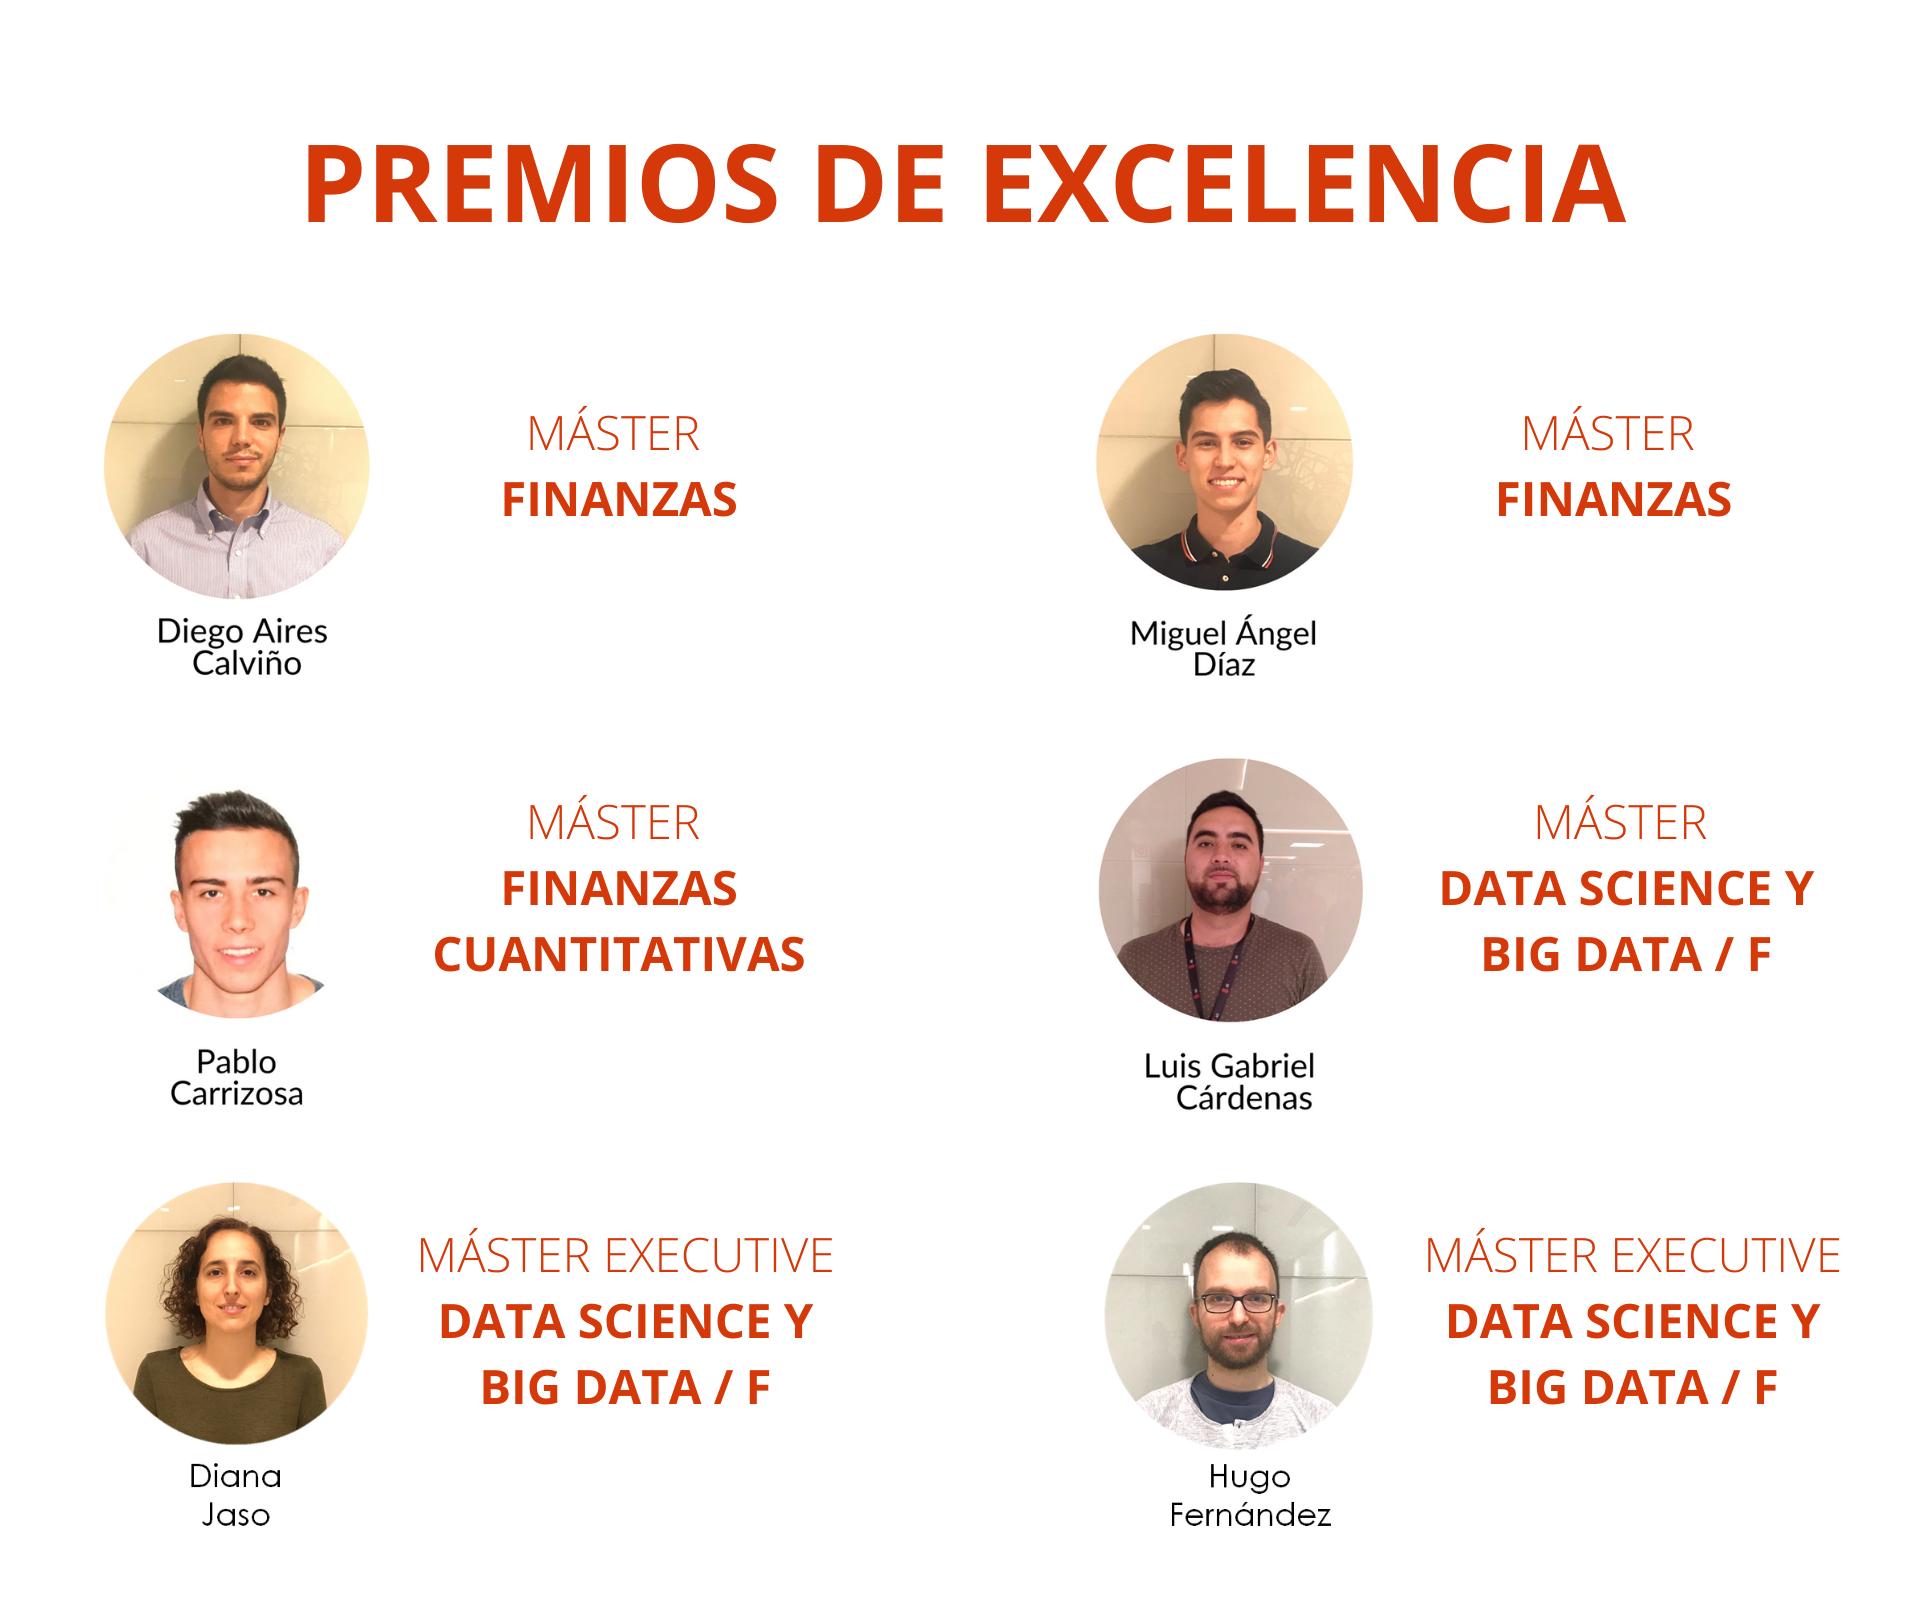 Premios de excelencia 2019-2020 Afi Escuela